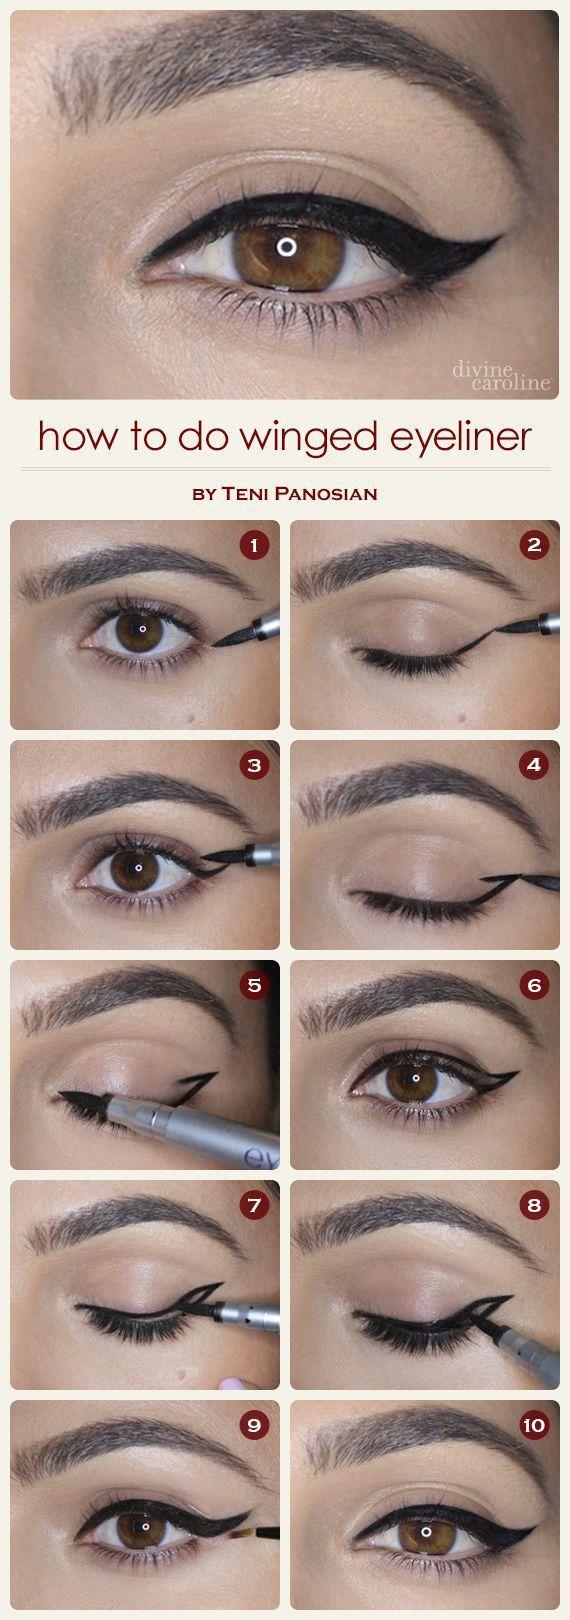 Trucos para aplicar el eyeliner.jpg